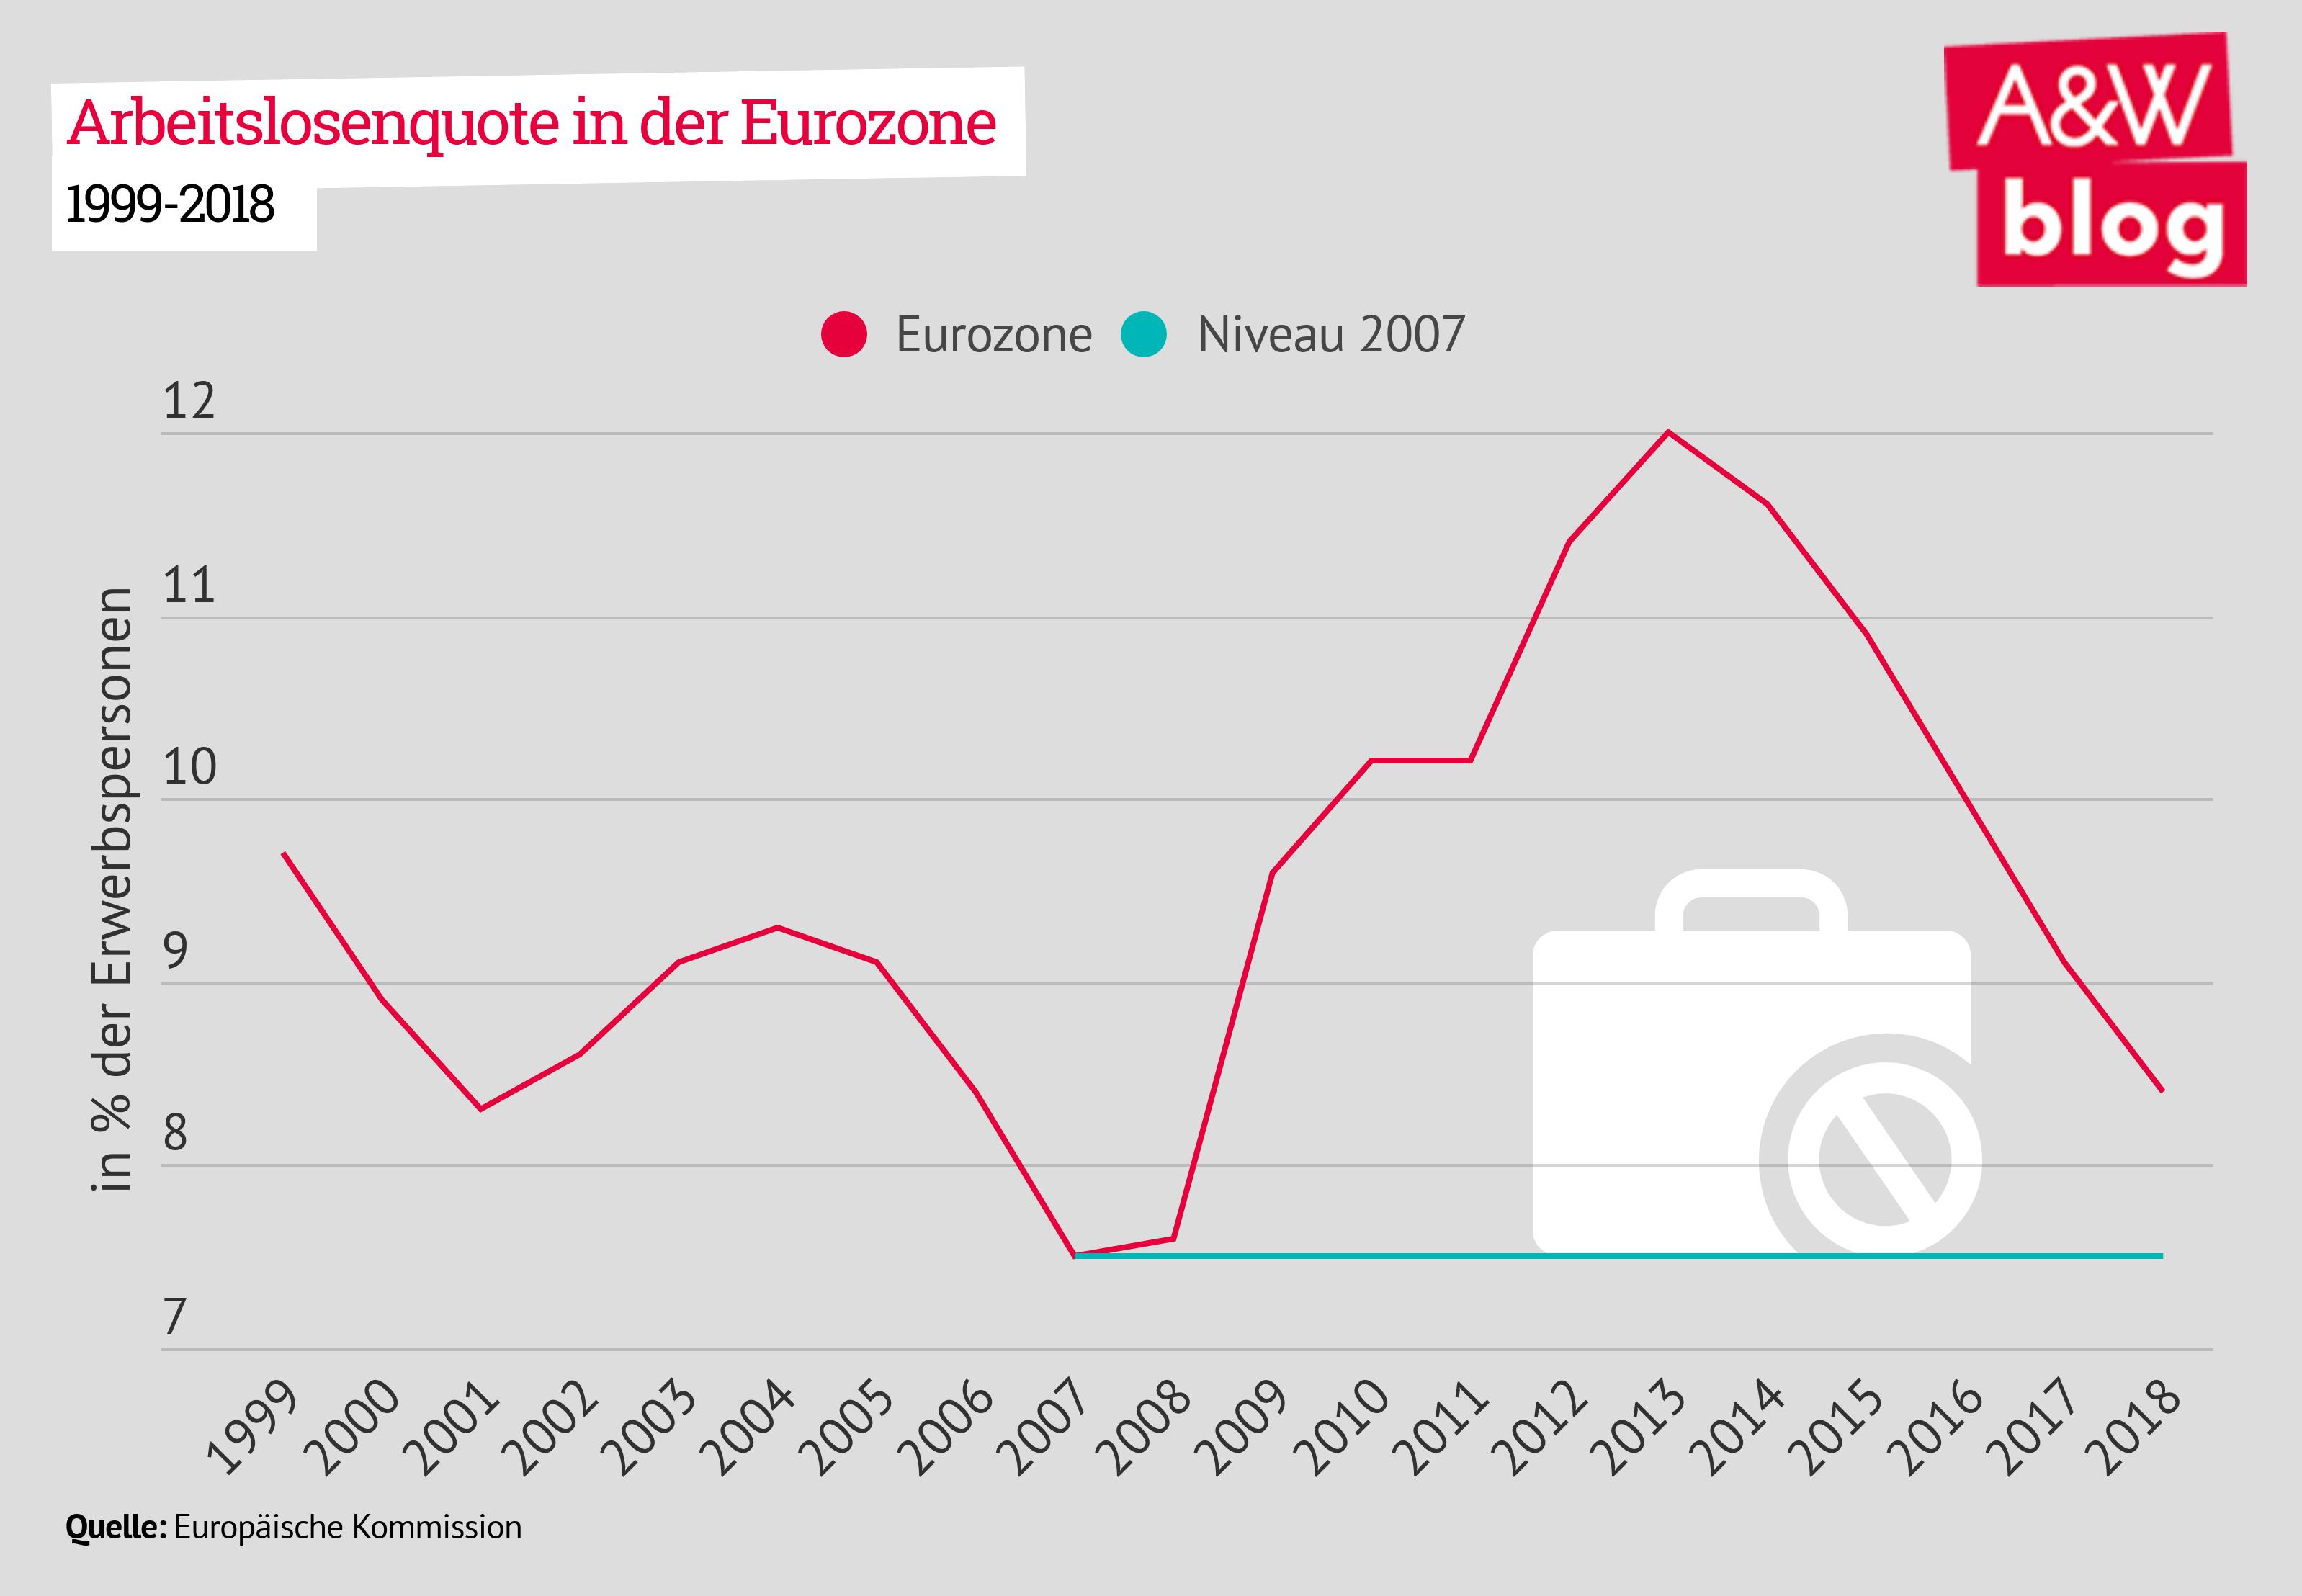 Arbeitslosenquote Eurozone